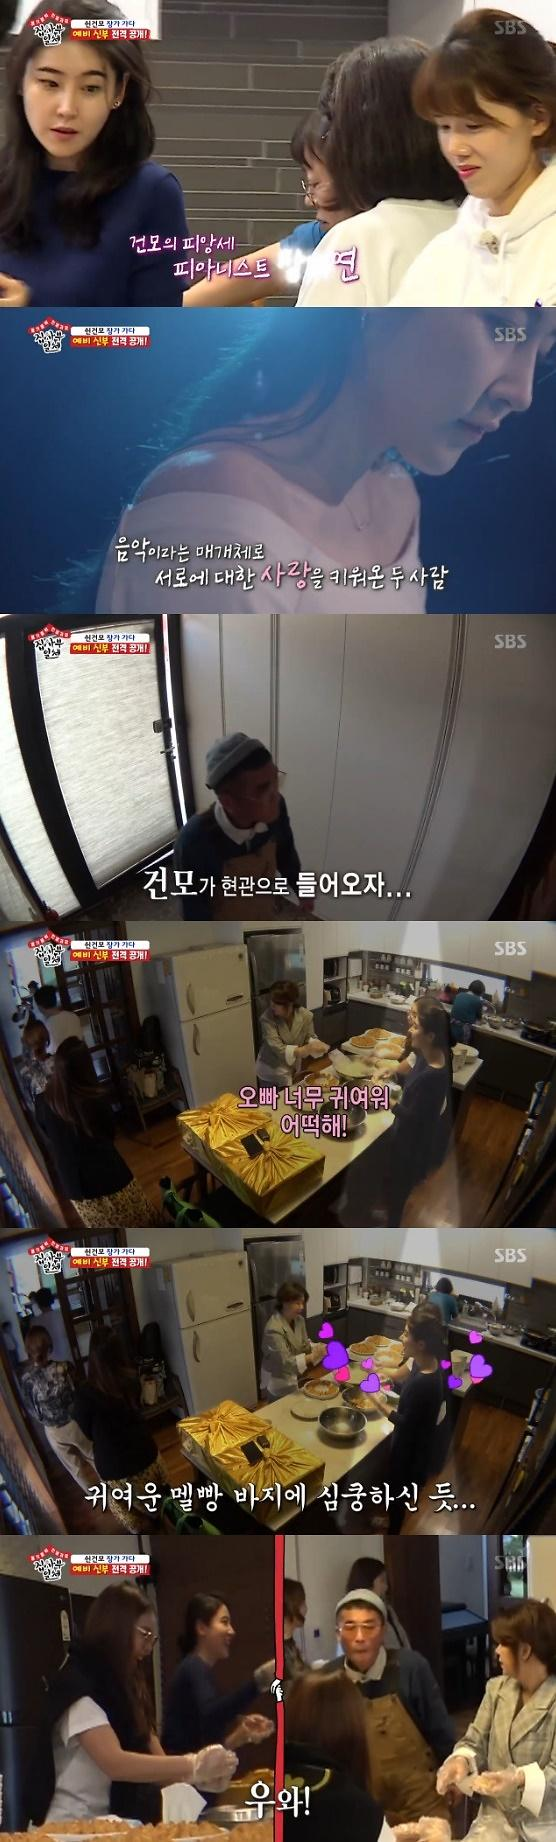 집사부일체 시청률 껑충... 김건모♥장지연 효과?